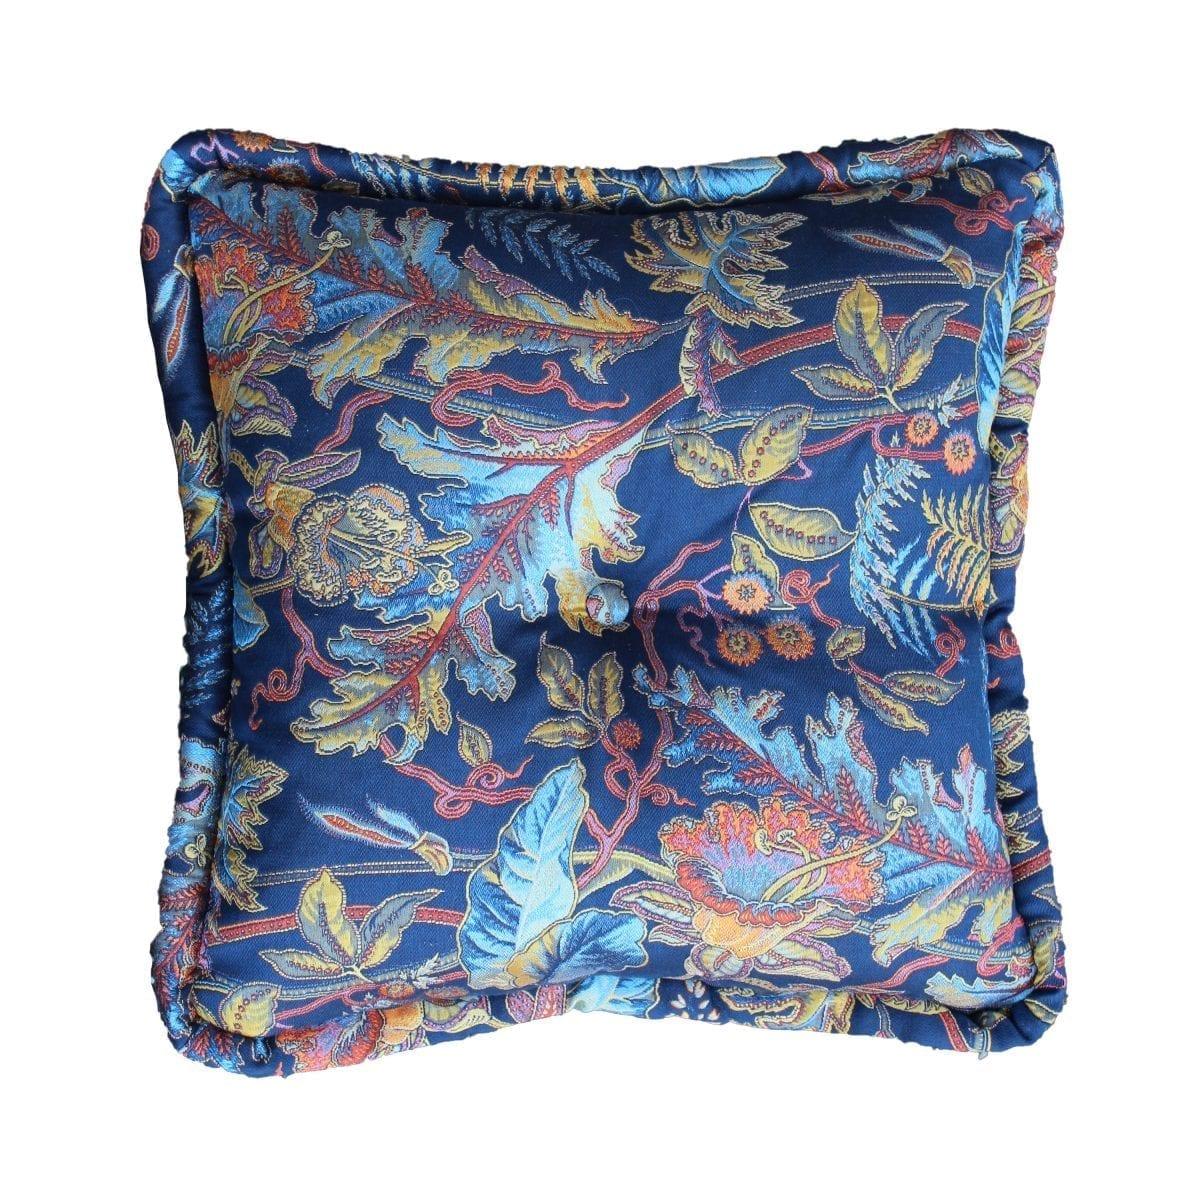 Een groot een flamboyant kussen in de stof Ortega blauw van Dutch Seating Company